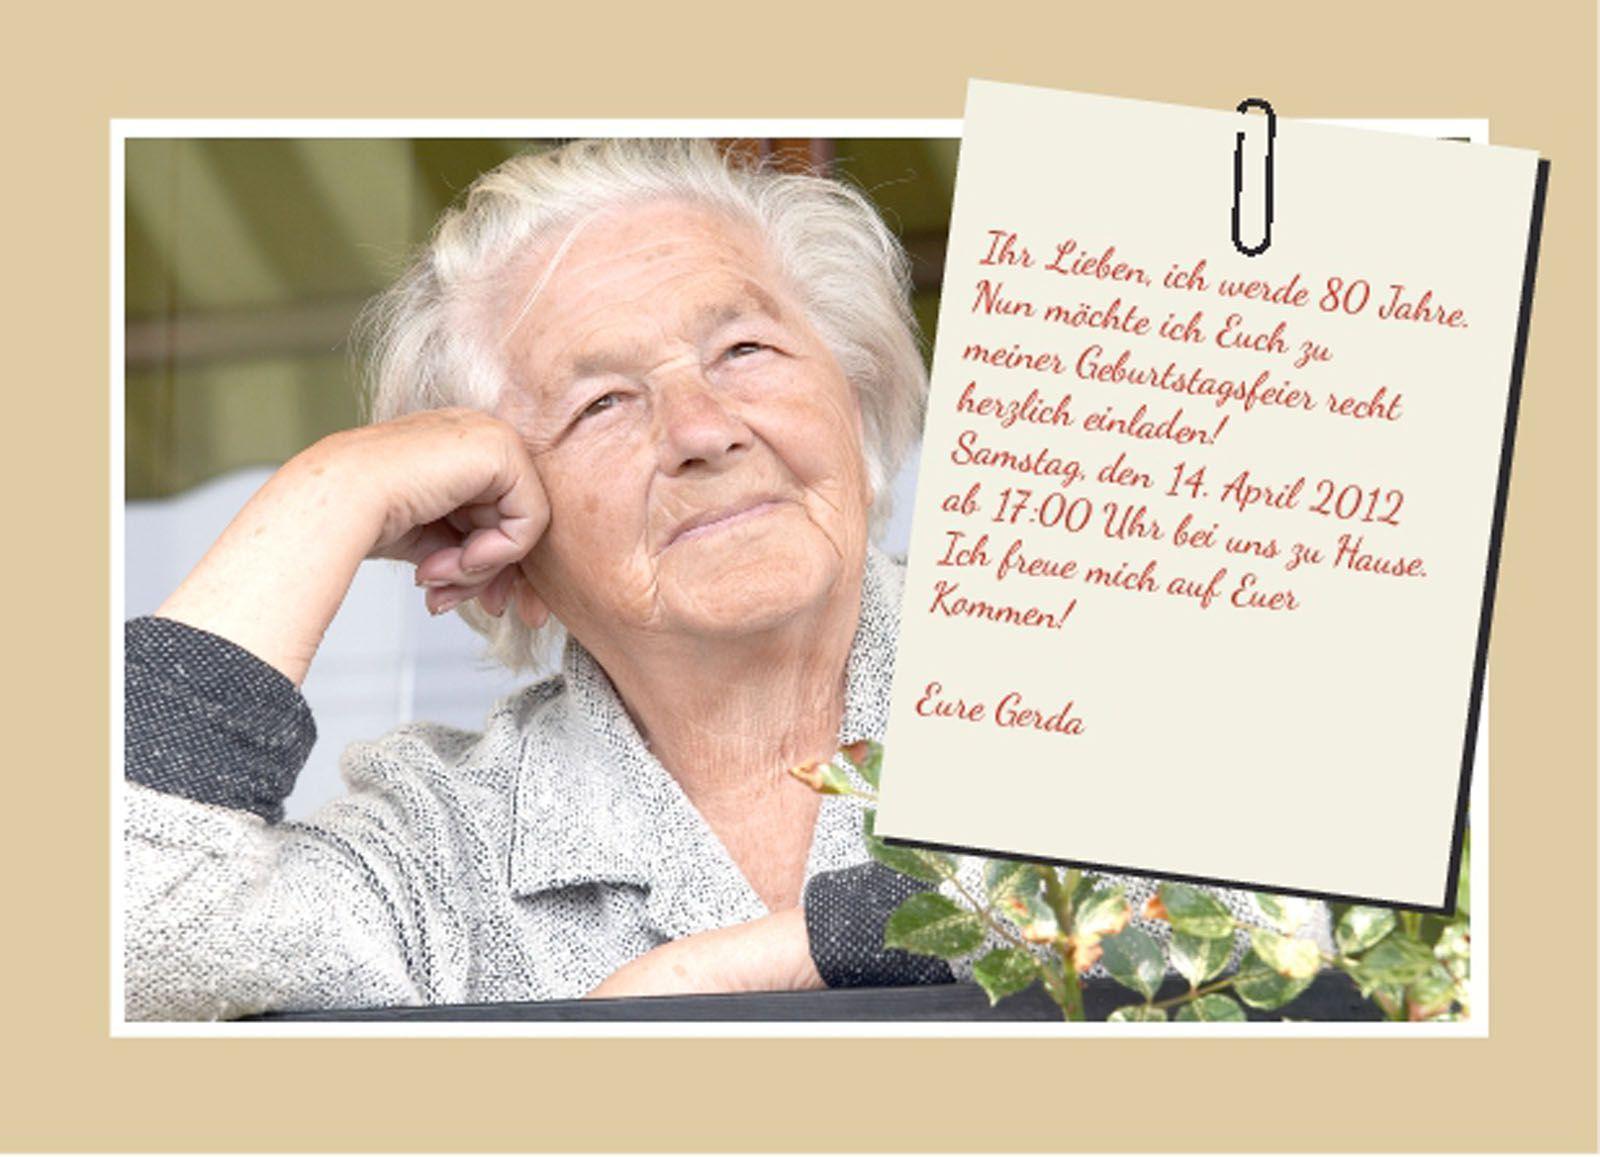 Einladungskarte 80 Geburtstag Kostenlos Einladung Zum Geburtstag Einladung 80 Geburtstag Einladung Geburtstag 80 Geburtstag